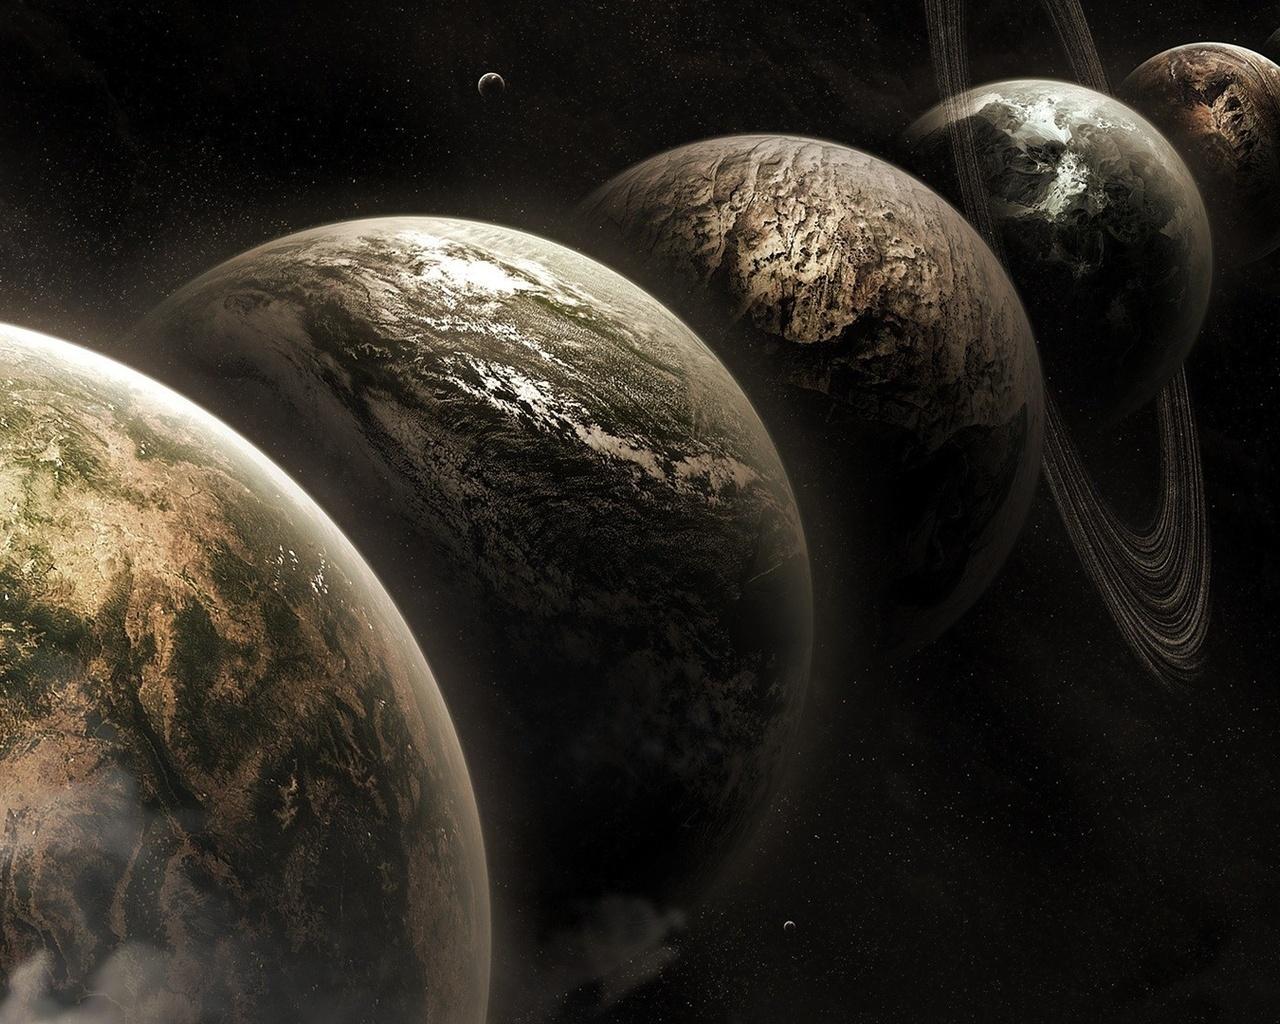 Астроном доказал существование параллельной вселенной